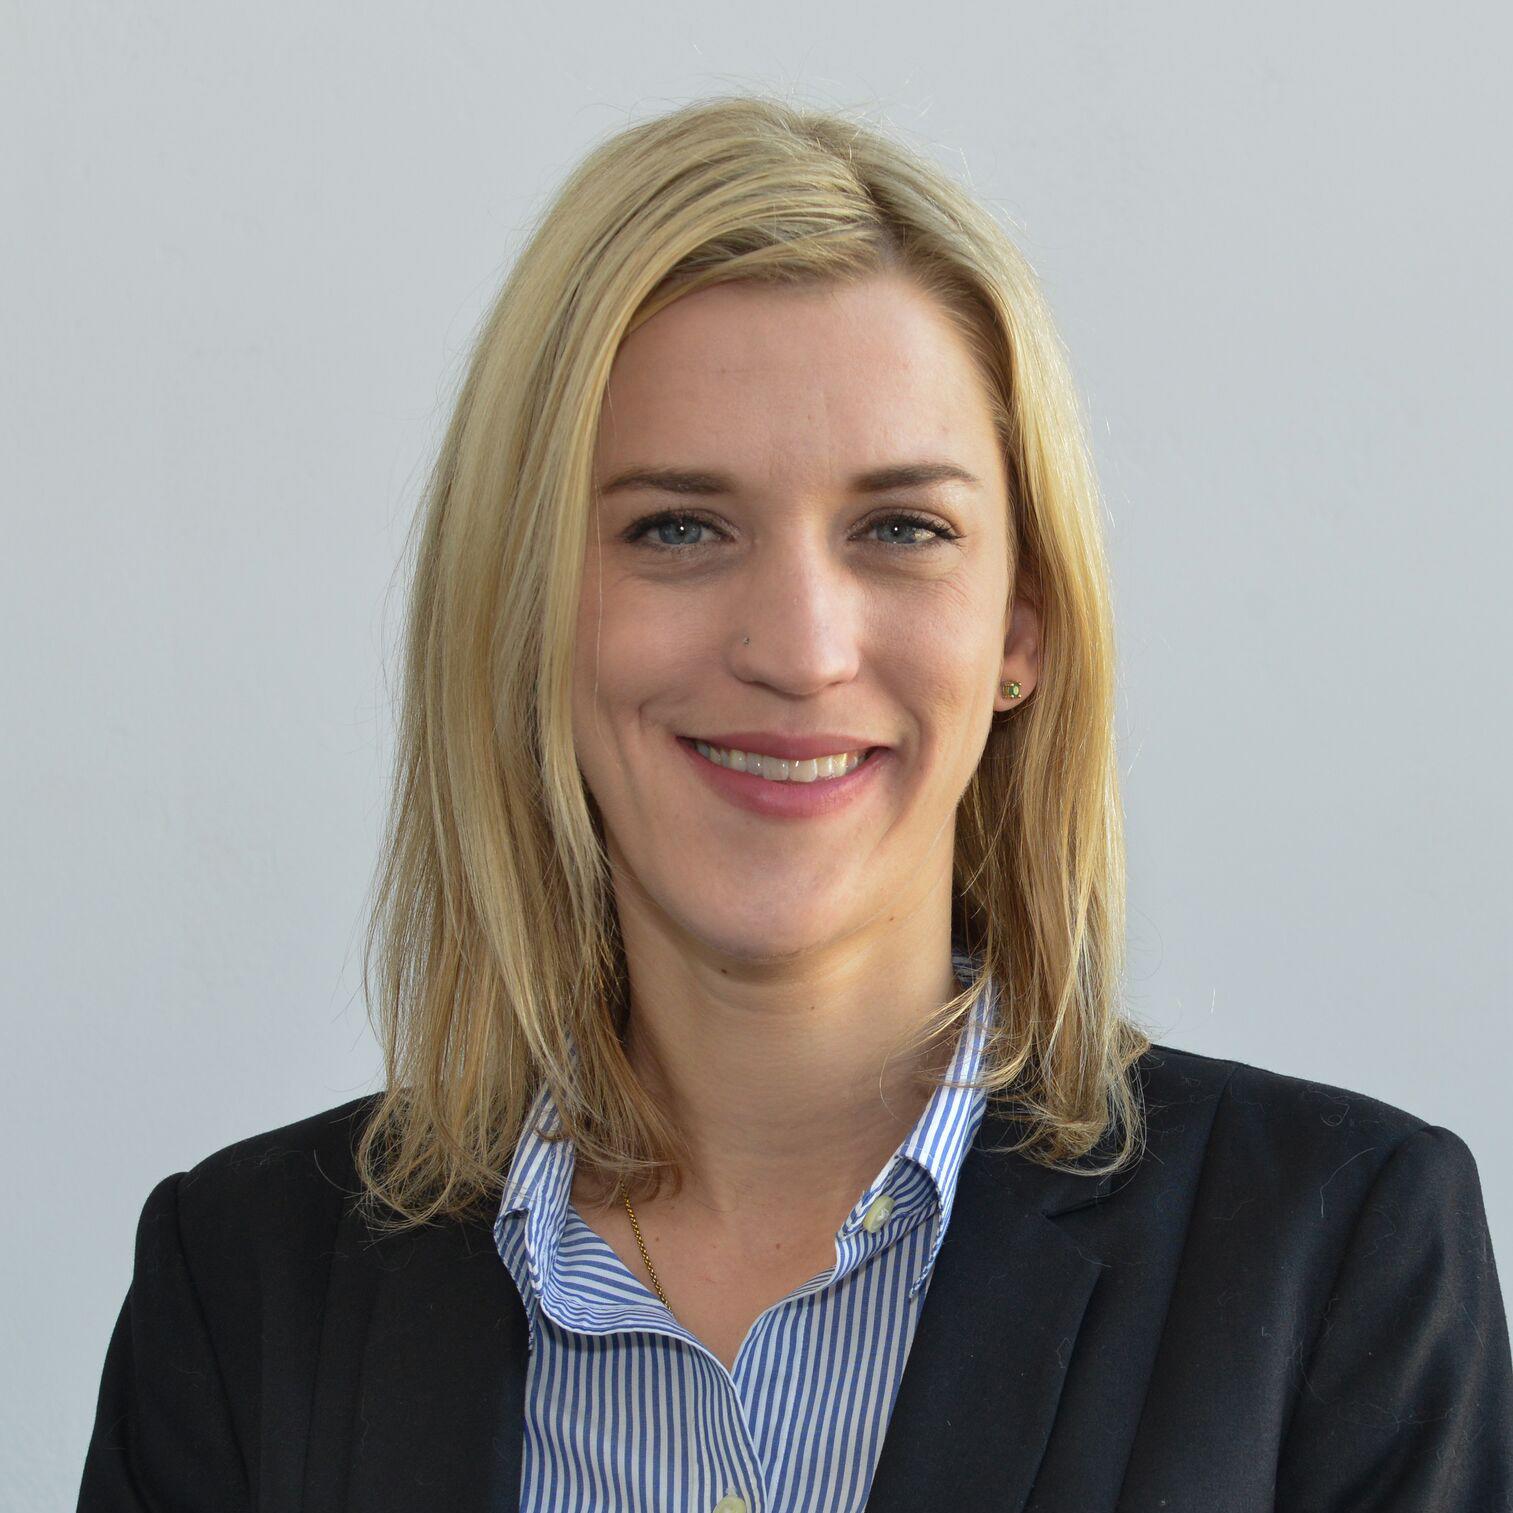 Alie Millette Legal Assistant P: 619.977.4402   E:  alie@hampstead.com